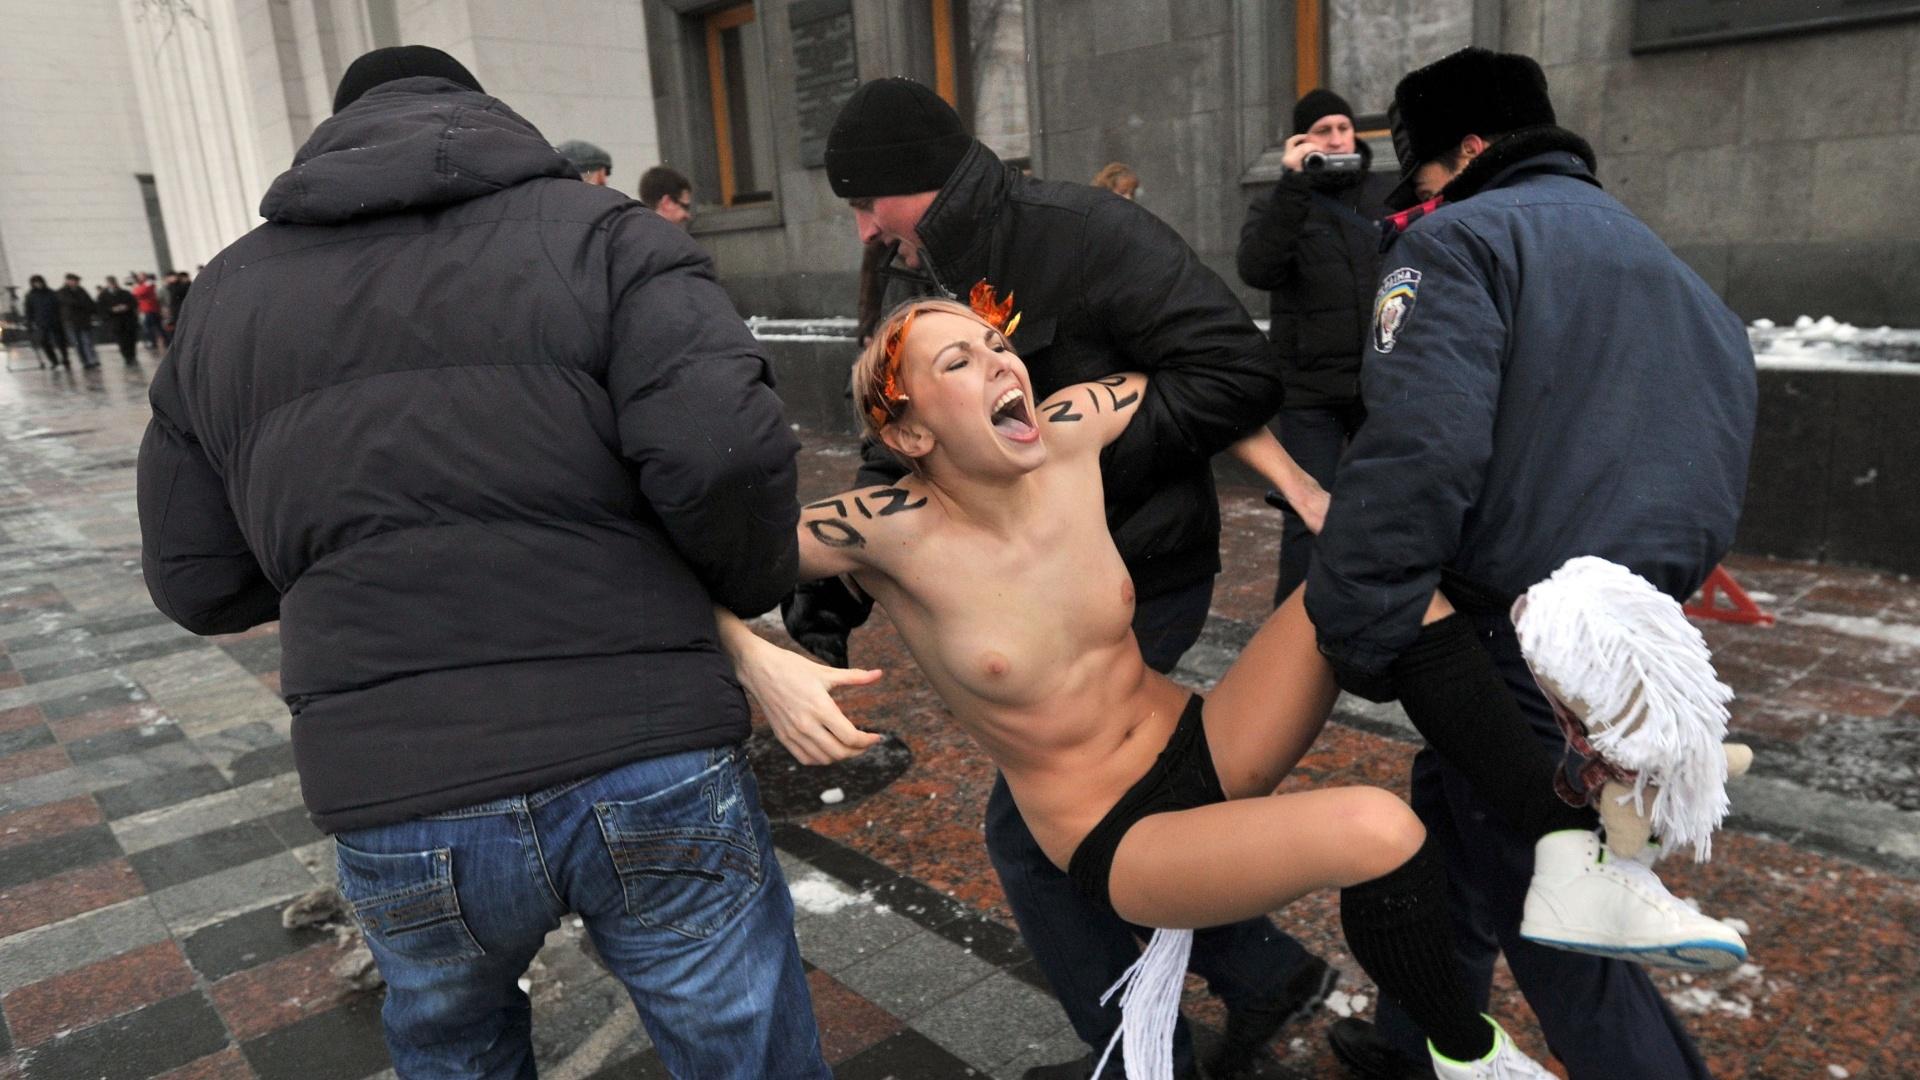 12.dez.2012 - Policiais prendem ativista do grupo feminista Femen durante protesto contra os novos parlamentares ucranianos eleitos, em Kiev, na Ucrânia